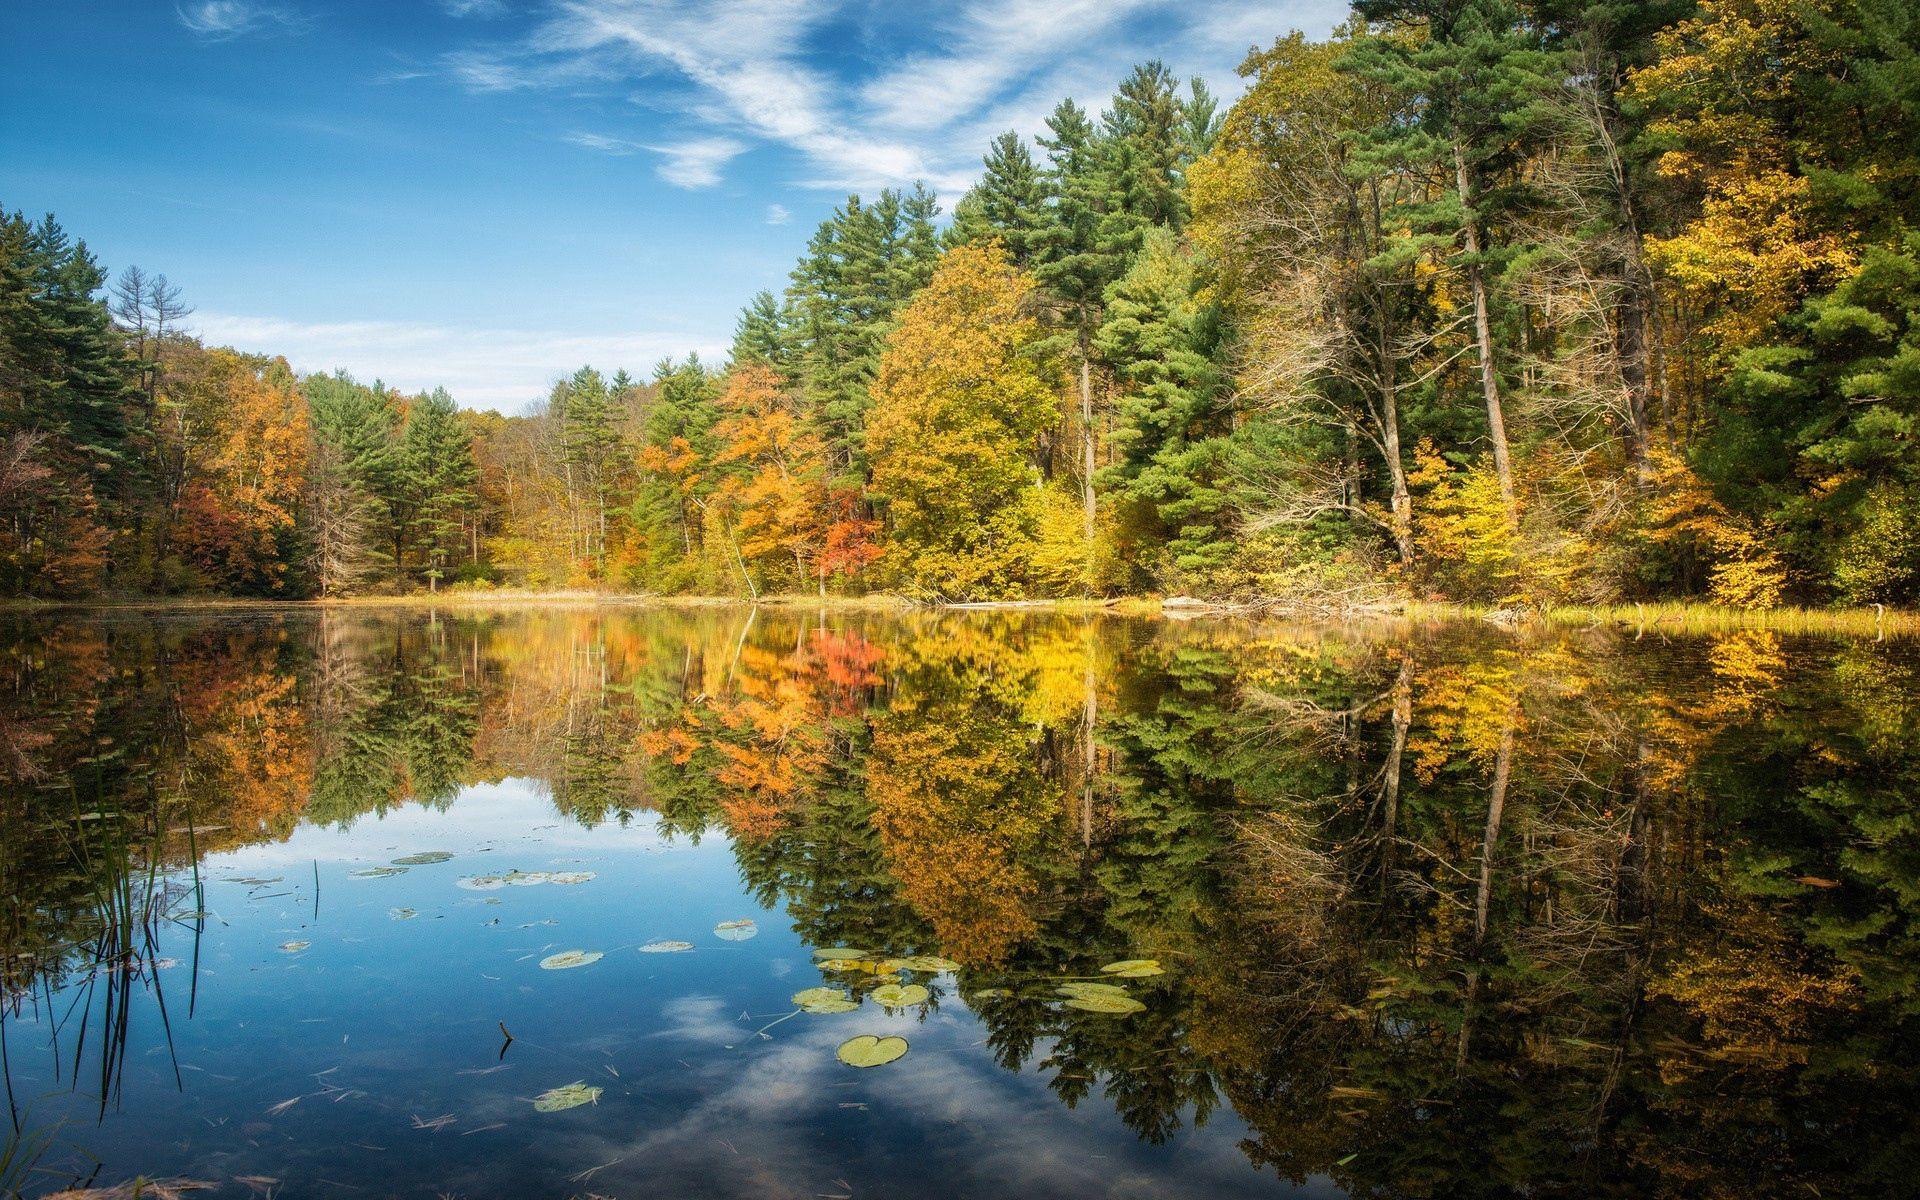 71331 скачать обои Природа, Деревья, Осень, Лето, Река - заставки и картинки бесплатно